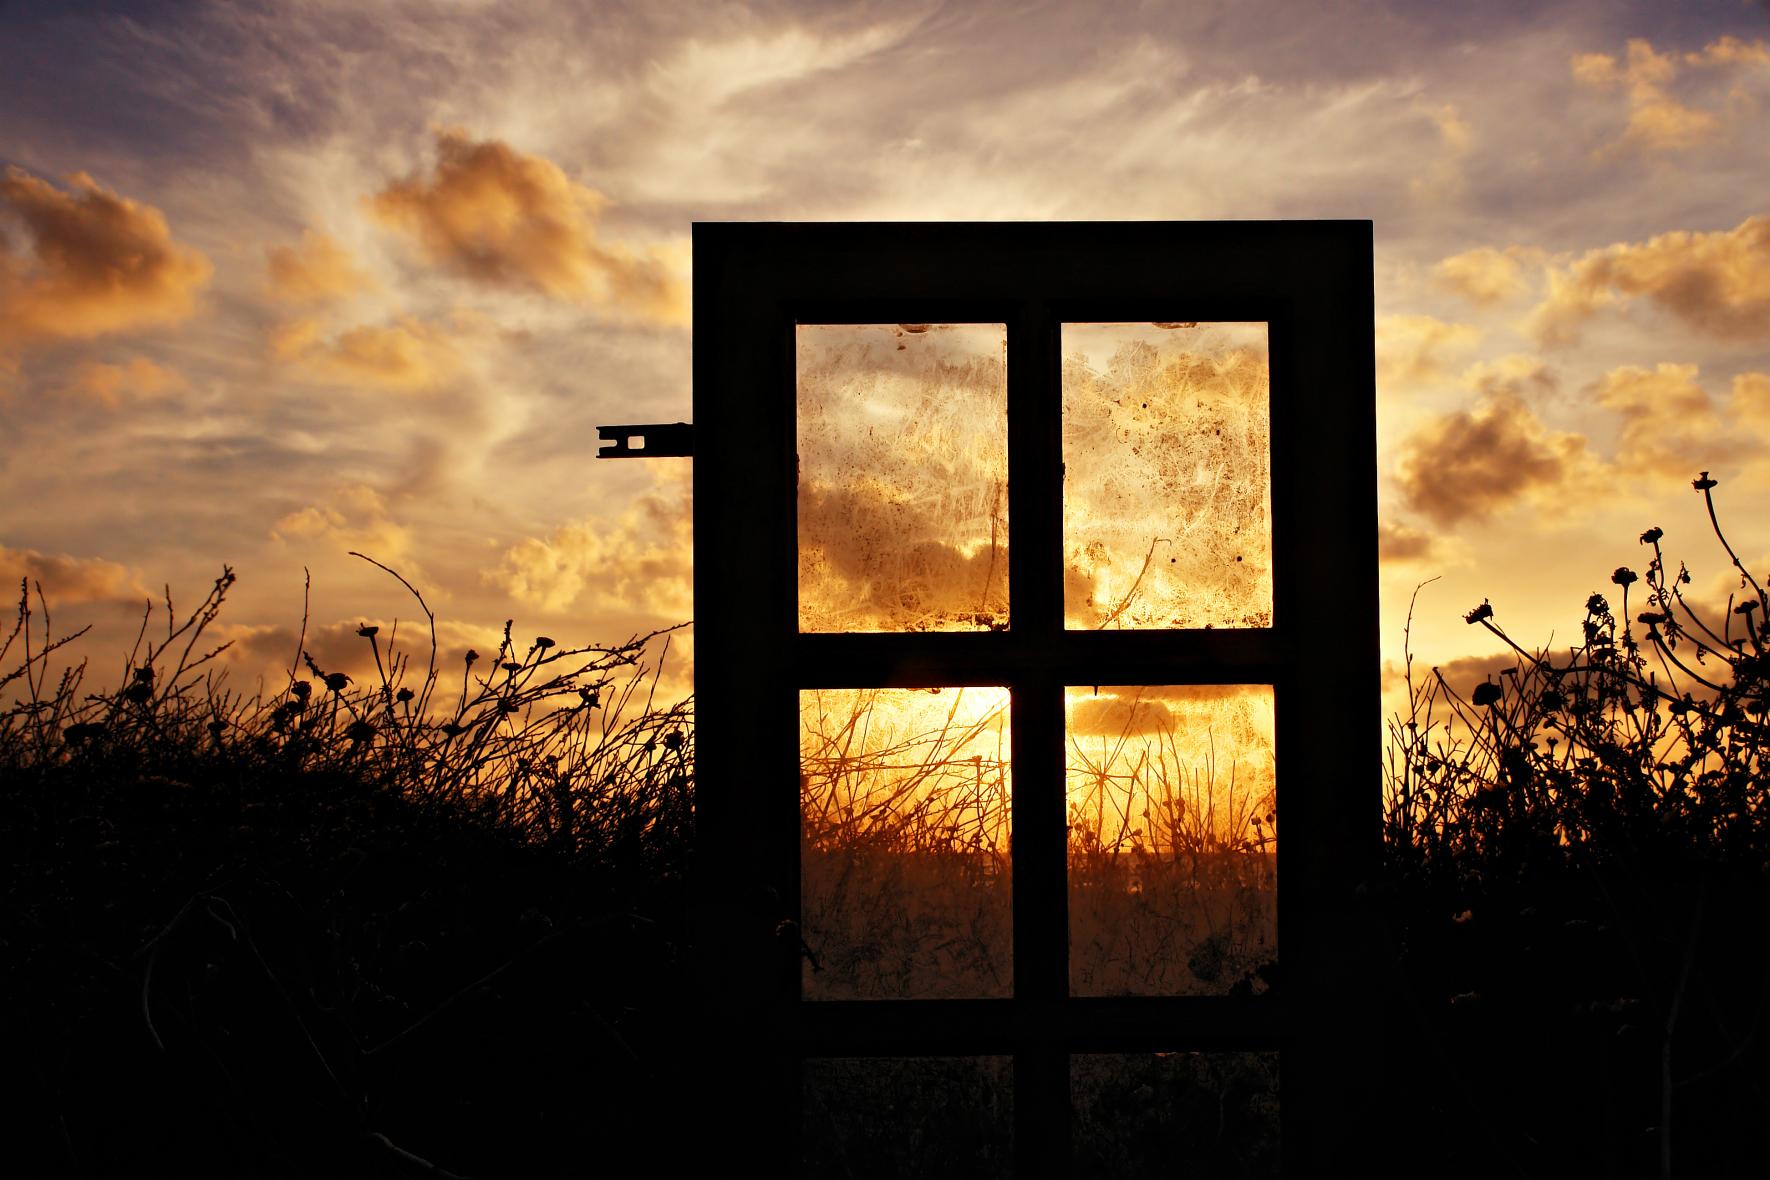 הסליחה המרהיבה מכולן